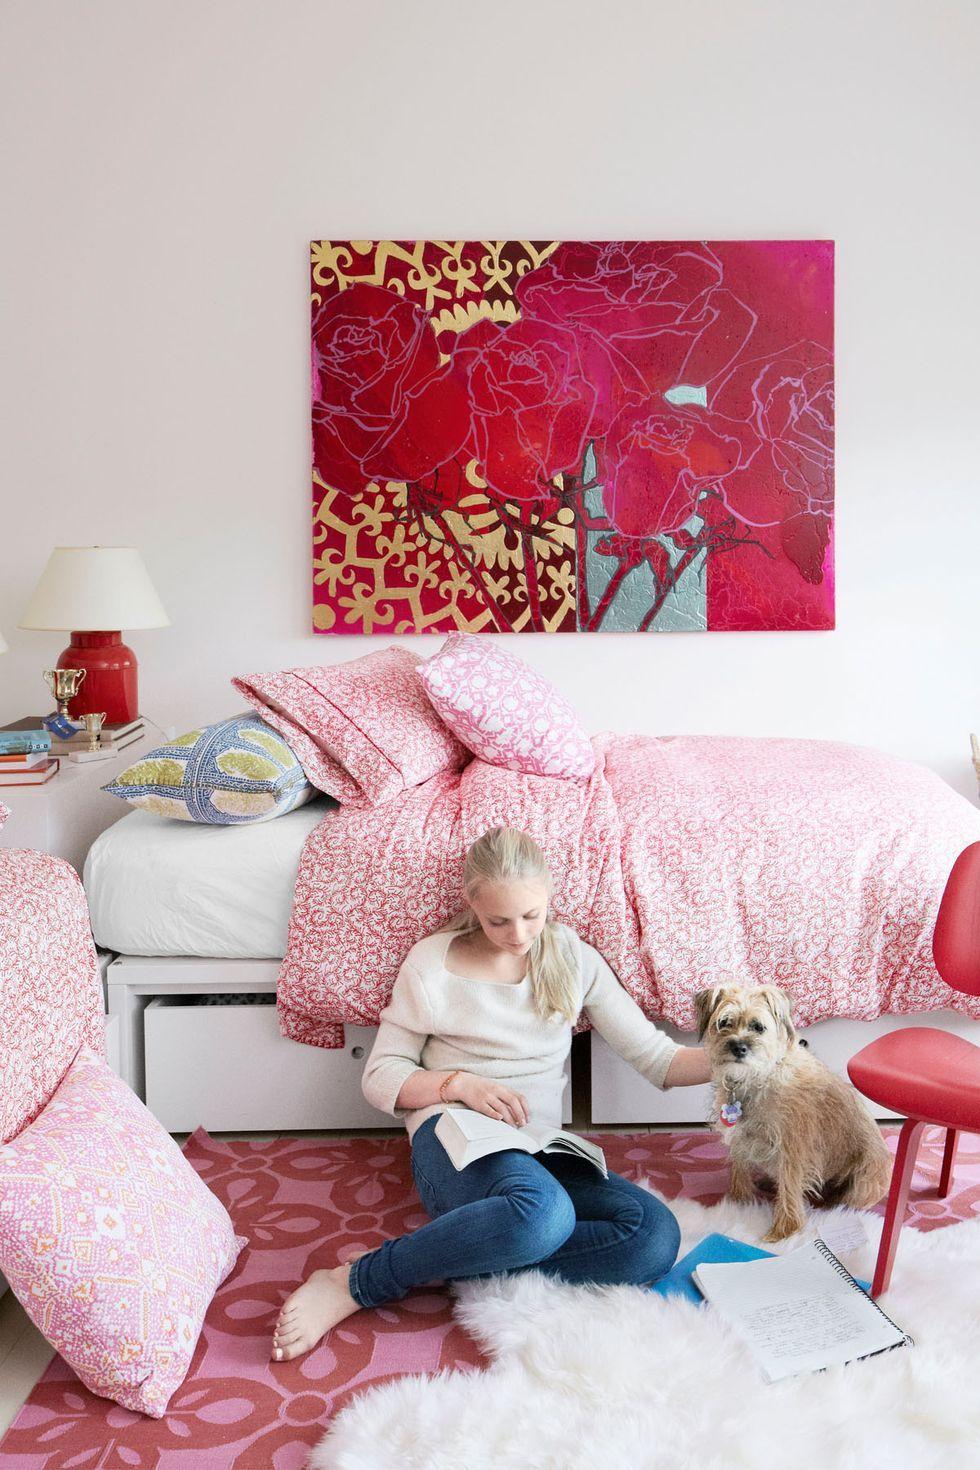 teen bedroom ideas - color pop